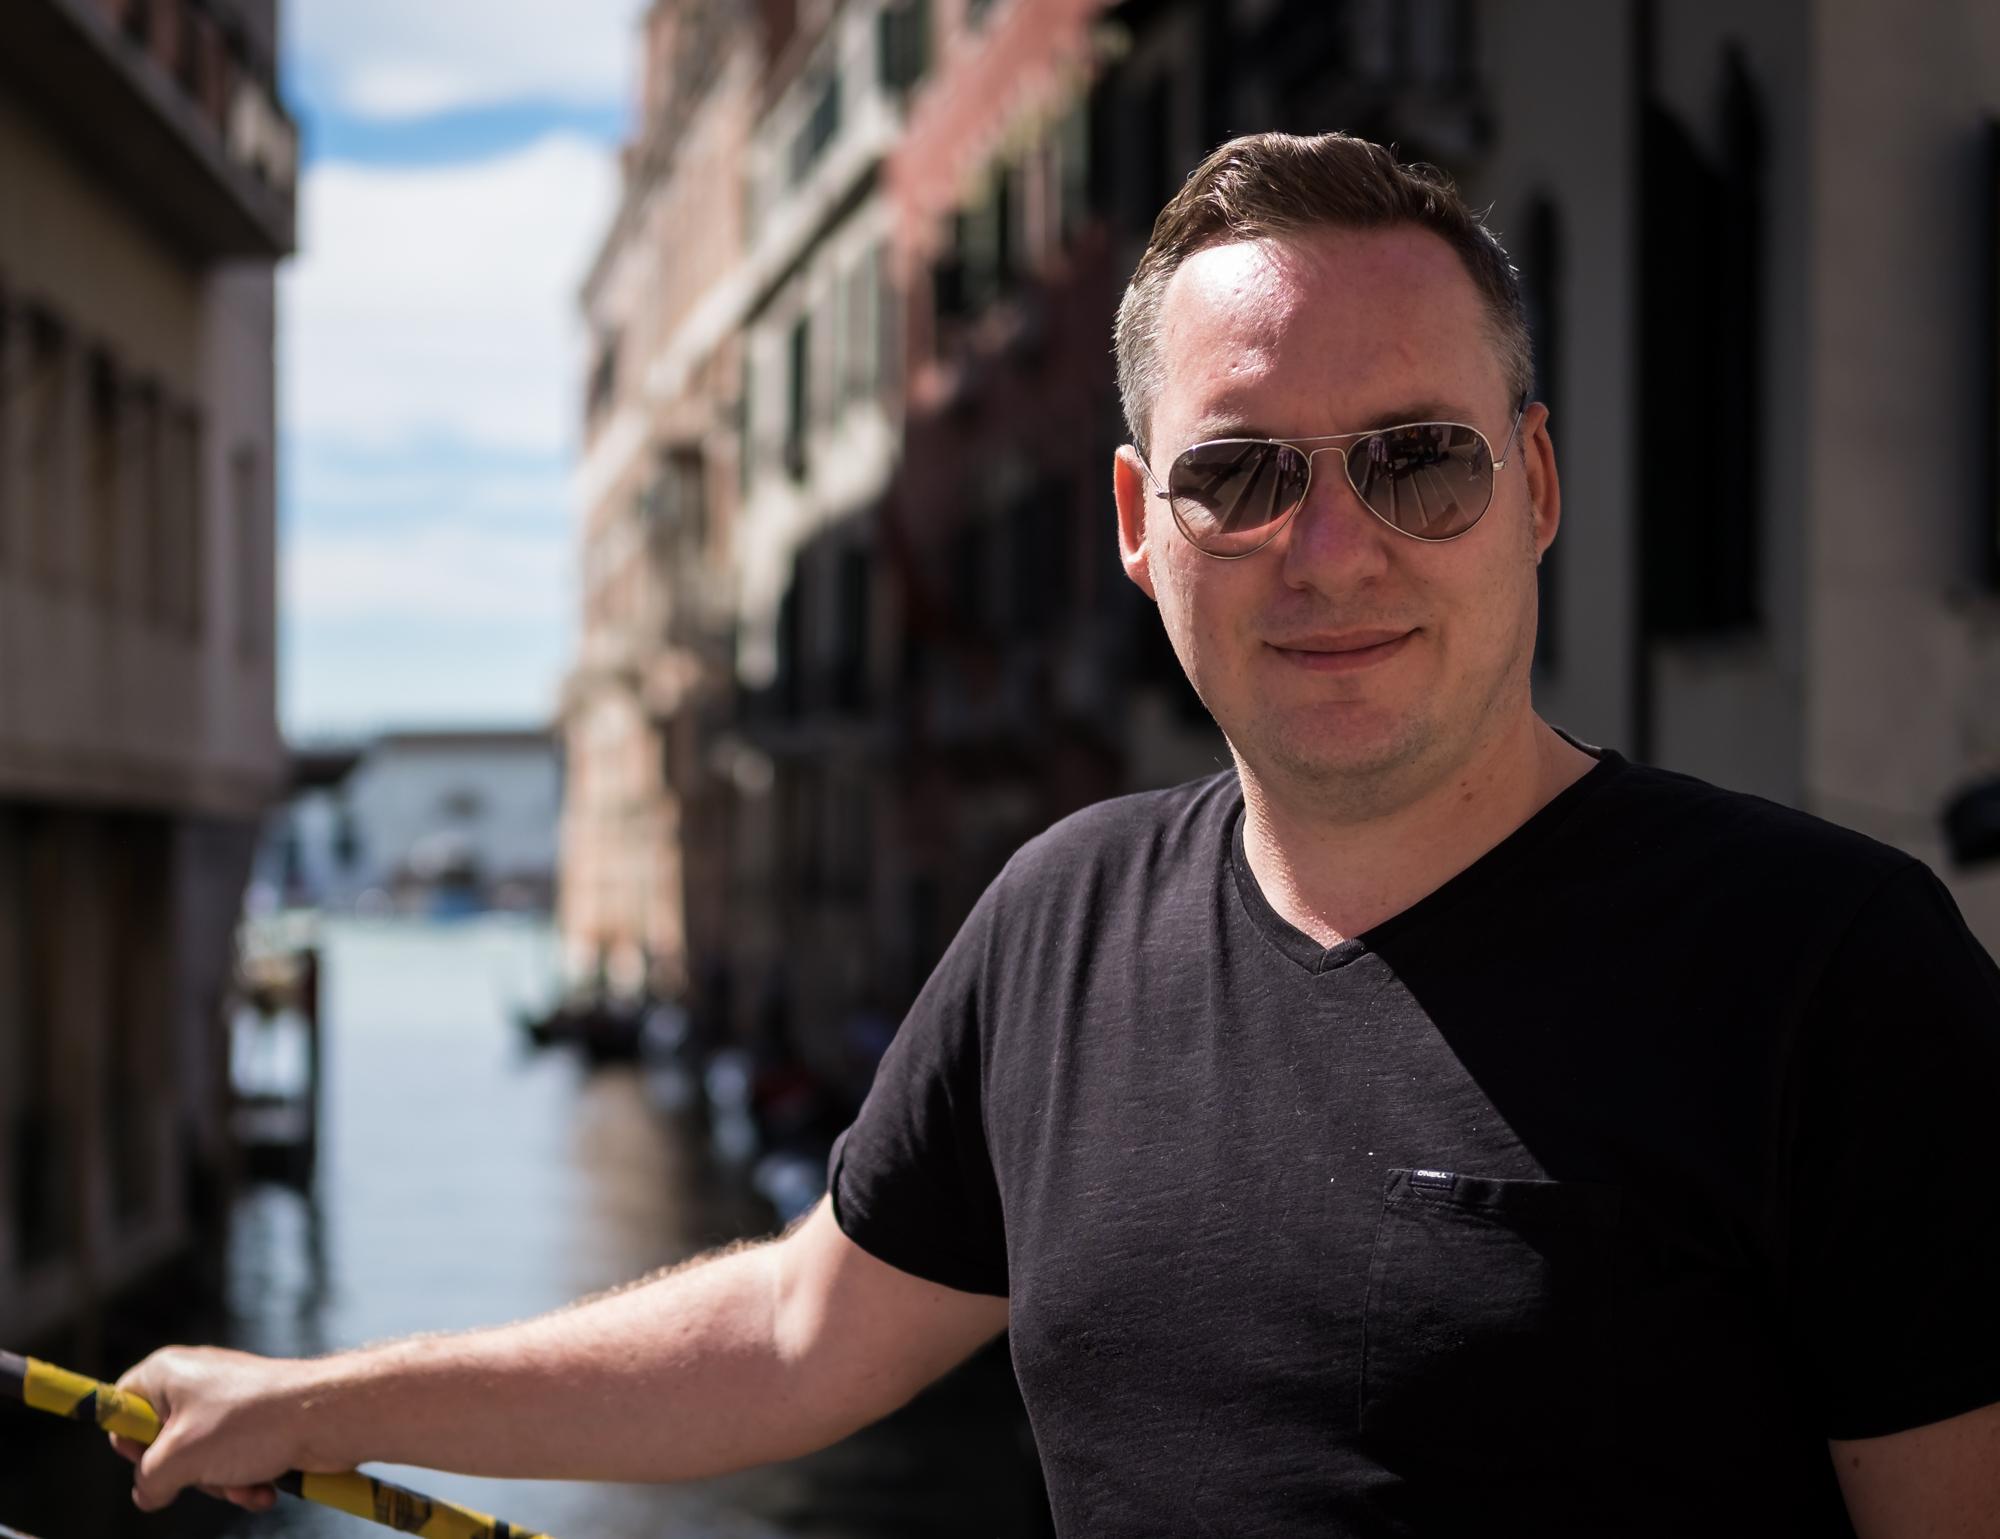 Photo of Trevor Sherwin taken in Venice